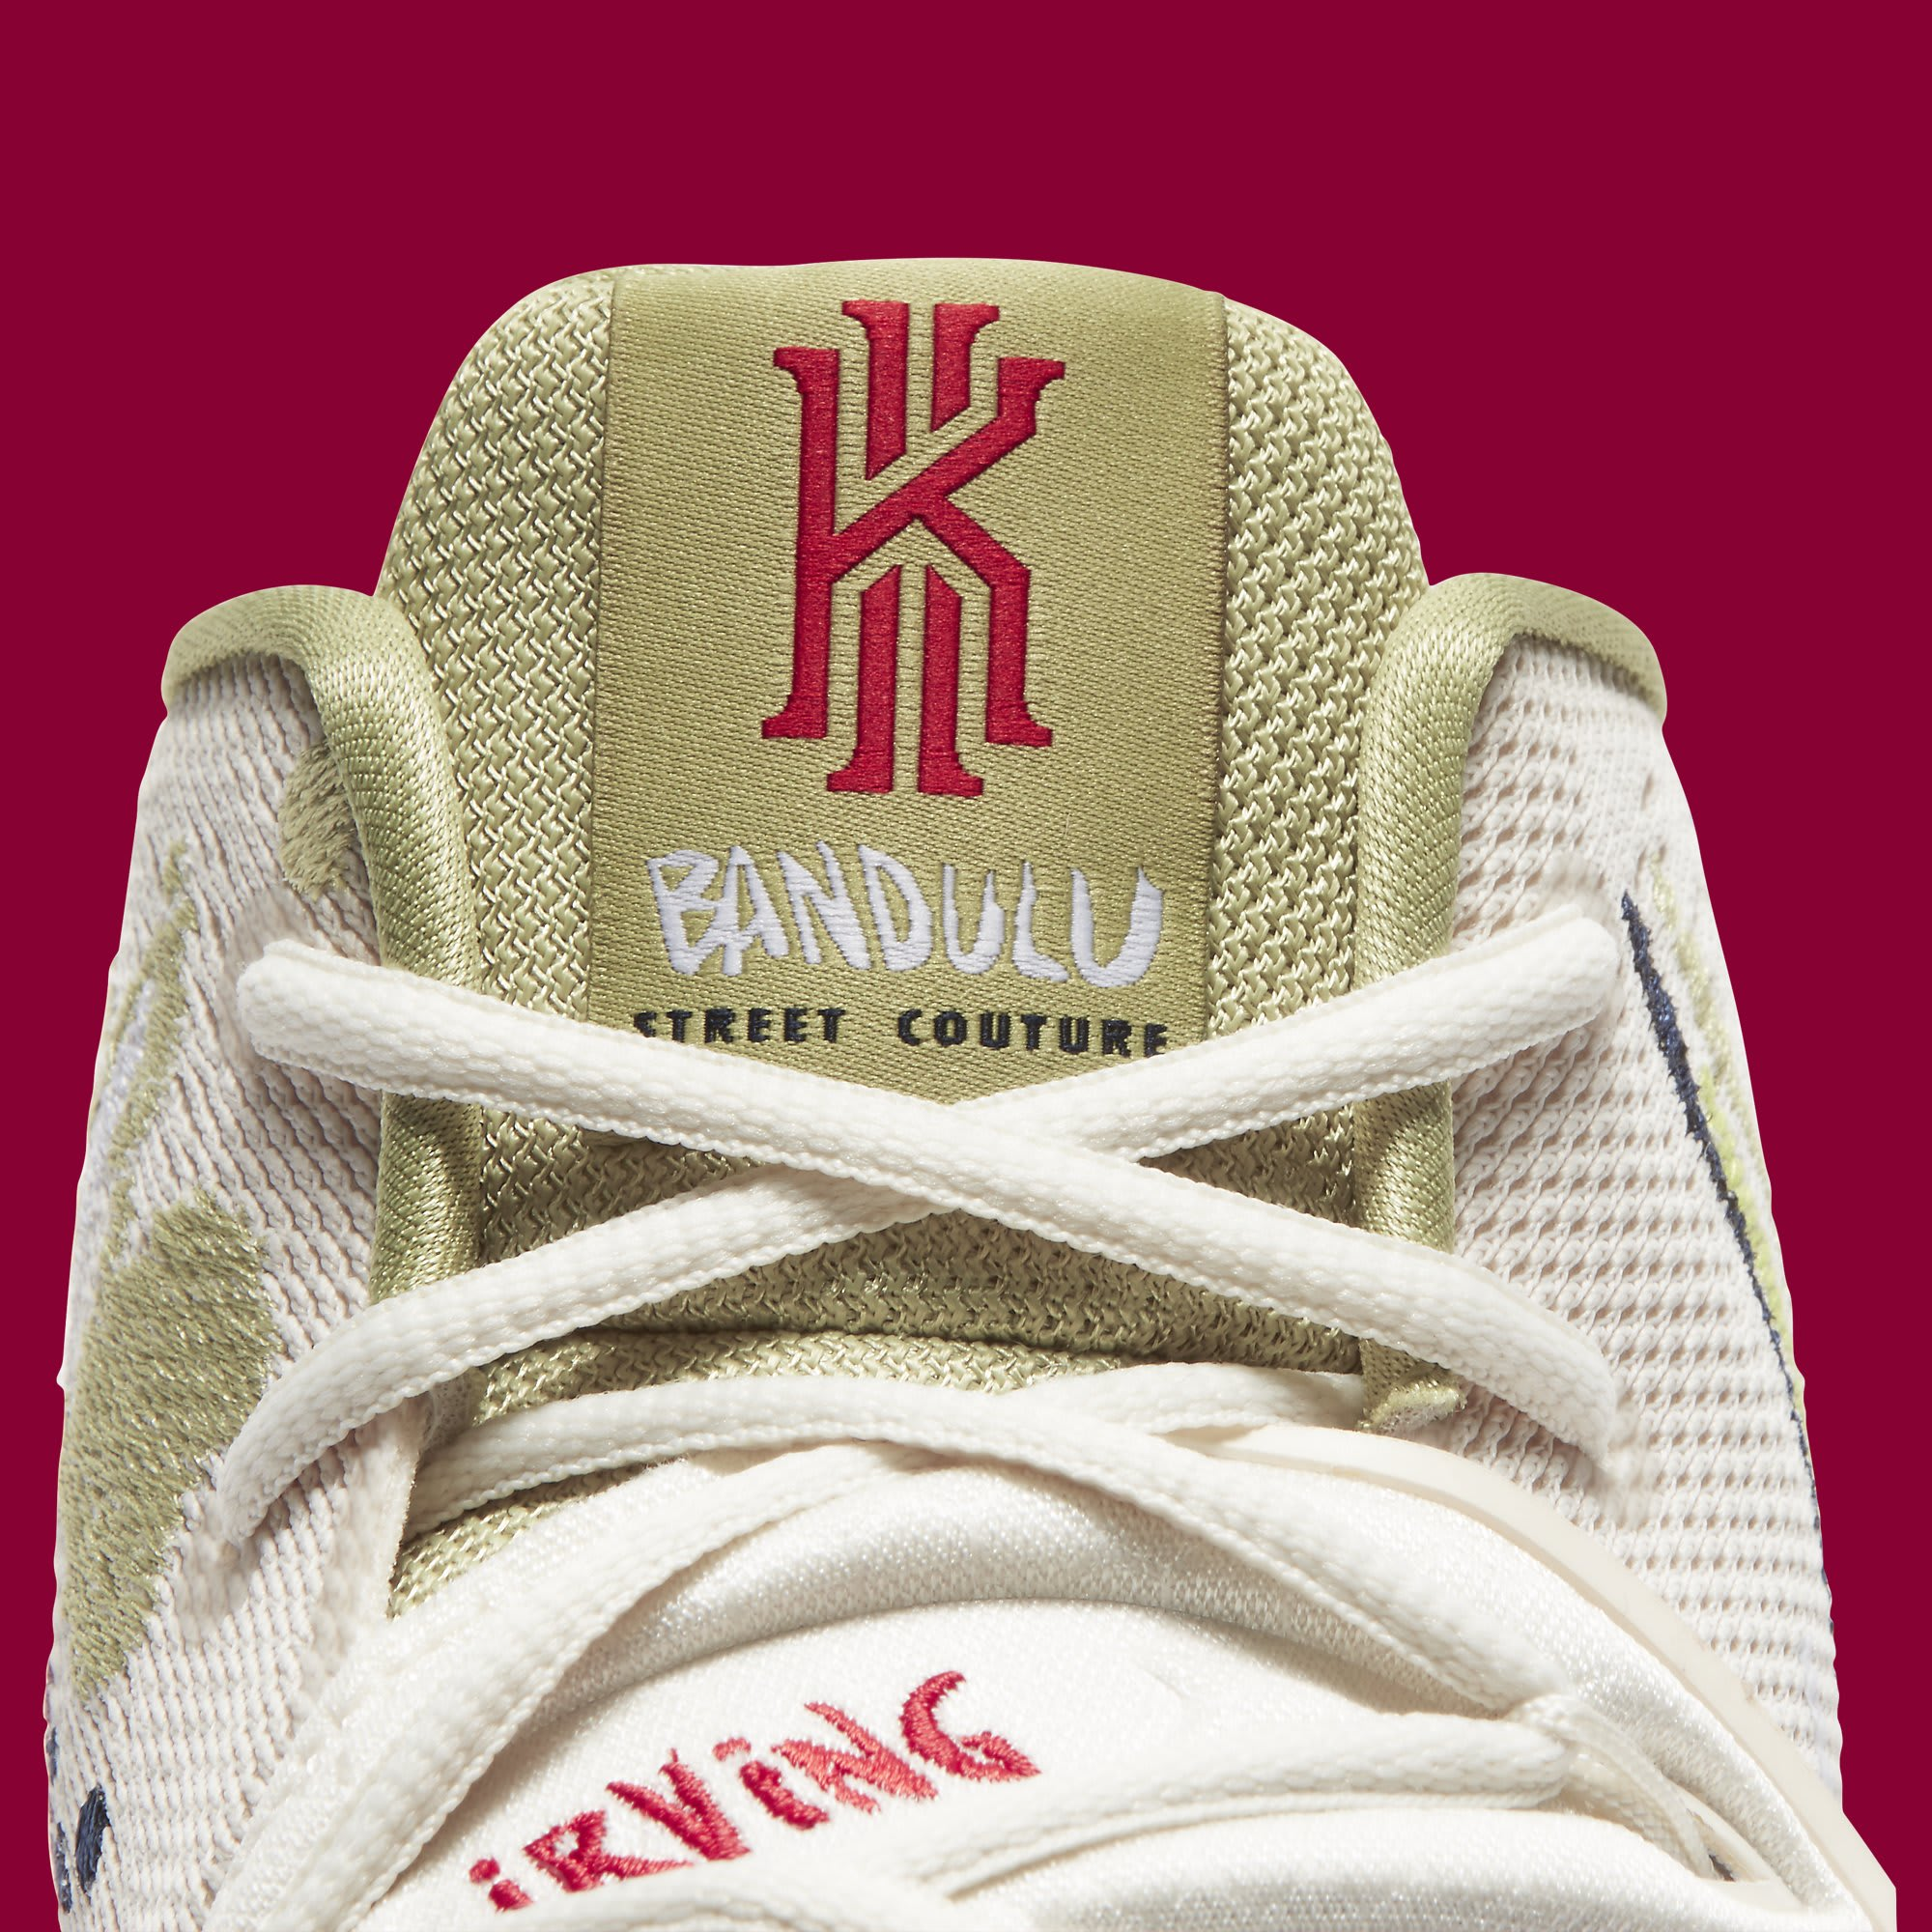 Bandulu x Nike Kyrie 5 CK5836-100 Tongue